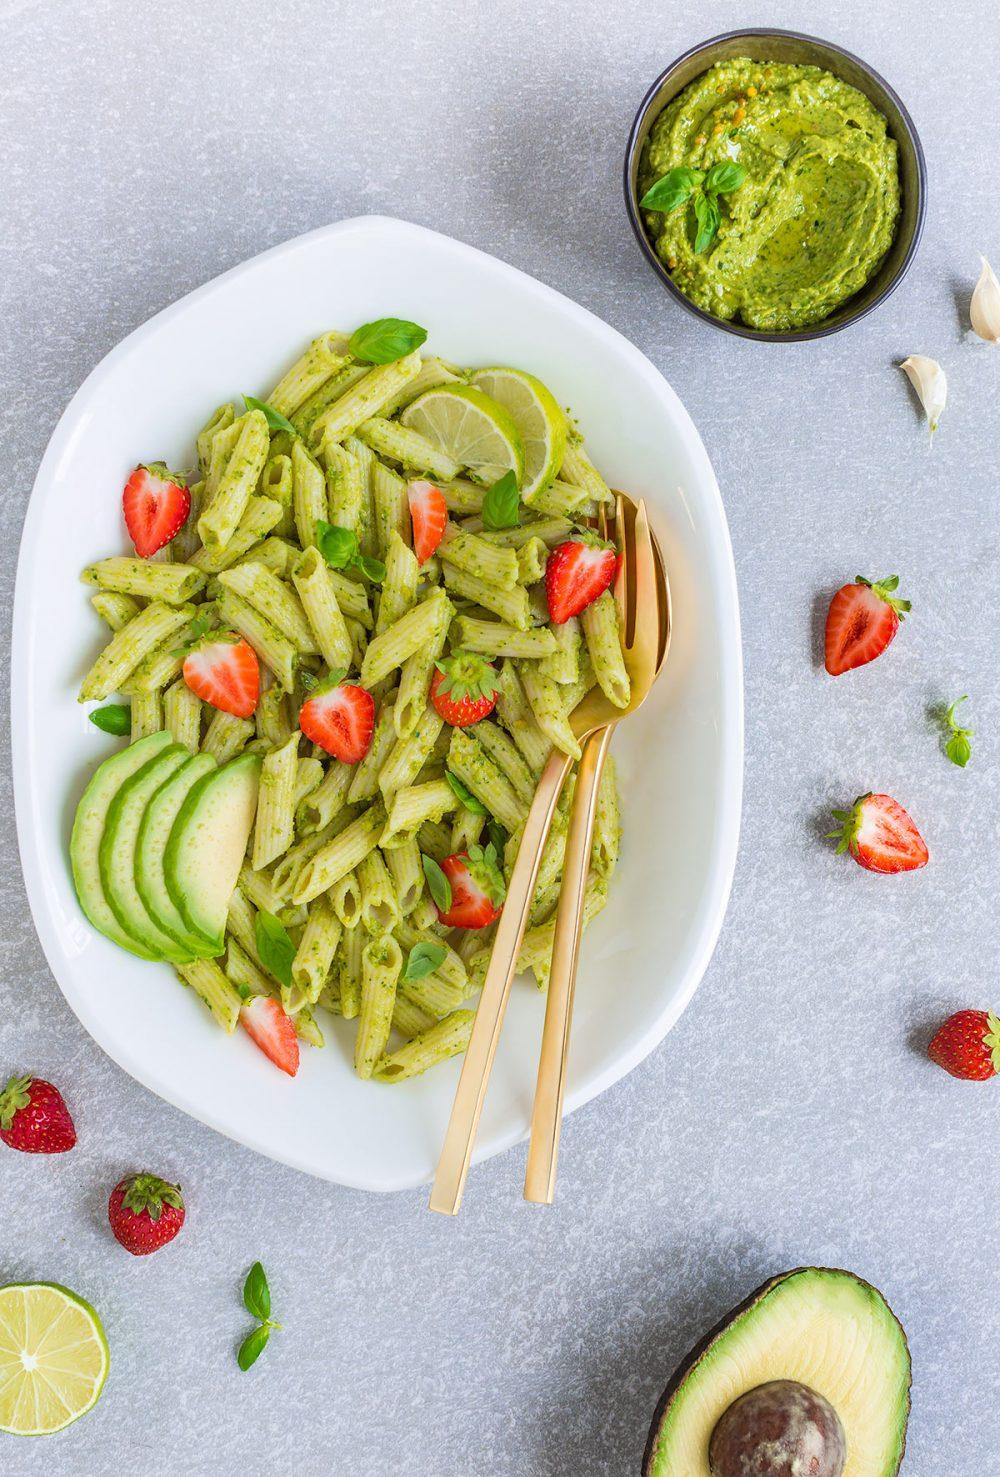 #vegan creamy #AVOCADO ZUCCHINI #PESTO PASTA with konjac rich in fibers - PASTA al PESTO di AVOCADO e ZUCCHINE vegan ricca di fibre